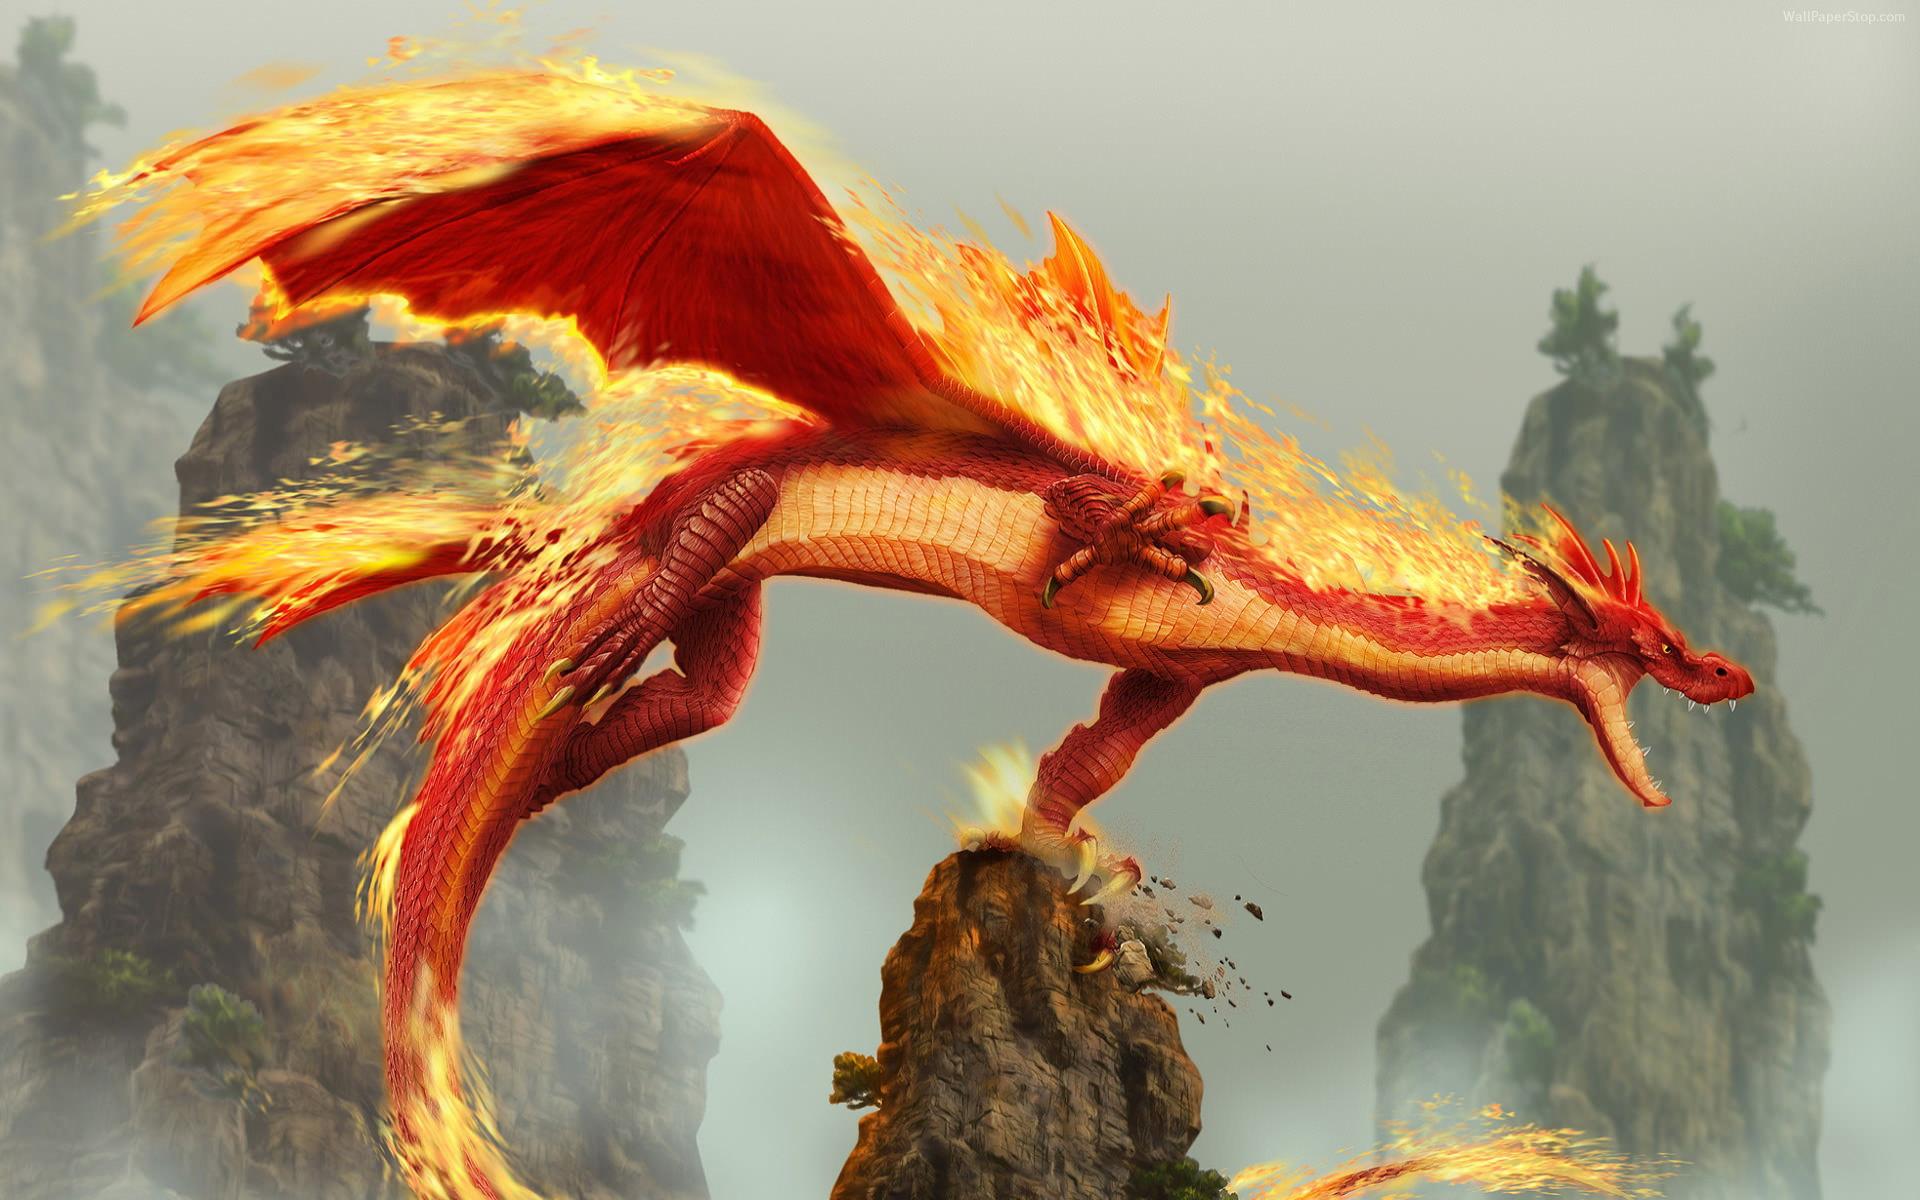 Fire Dragon wallpaper 12435 1920x1200